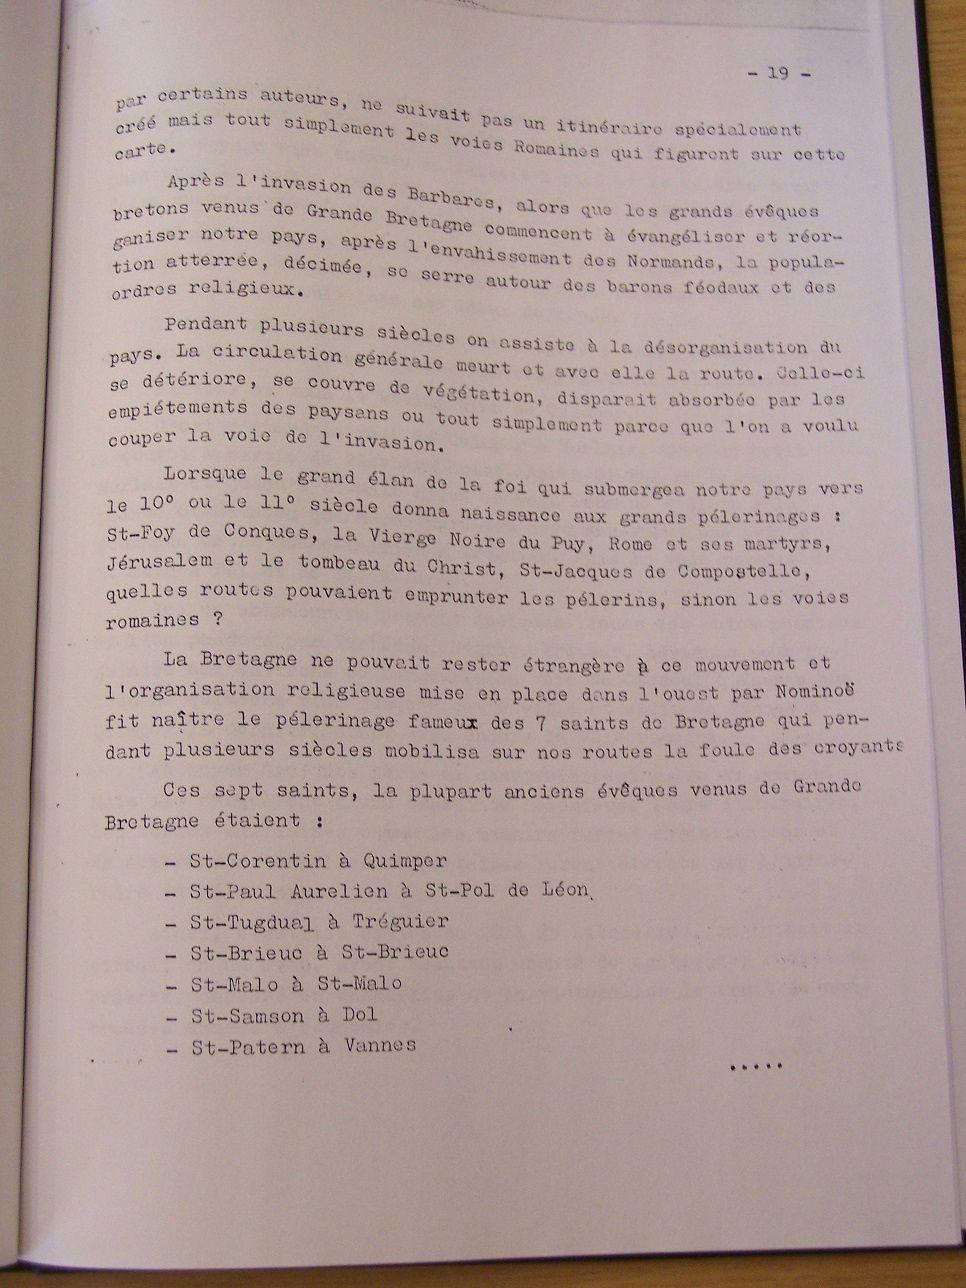 archives de Saint Brieuc  (6bi 182)